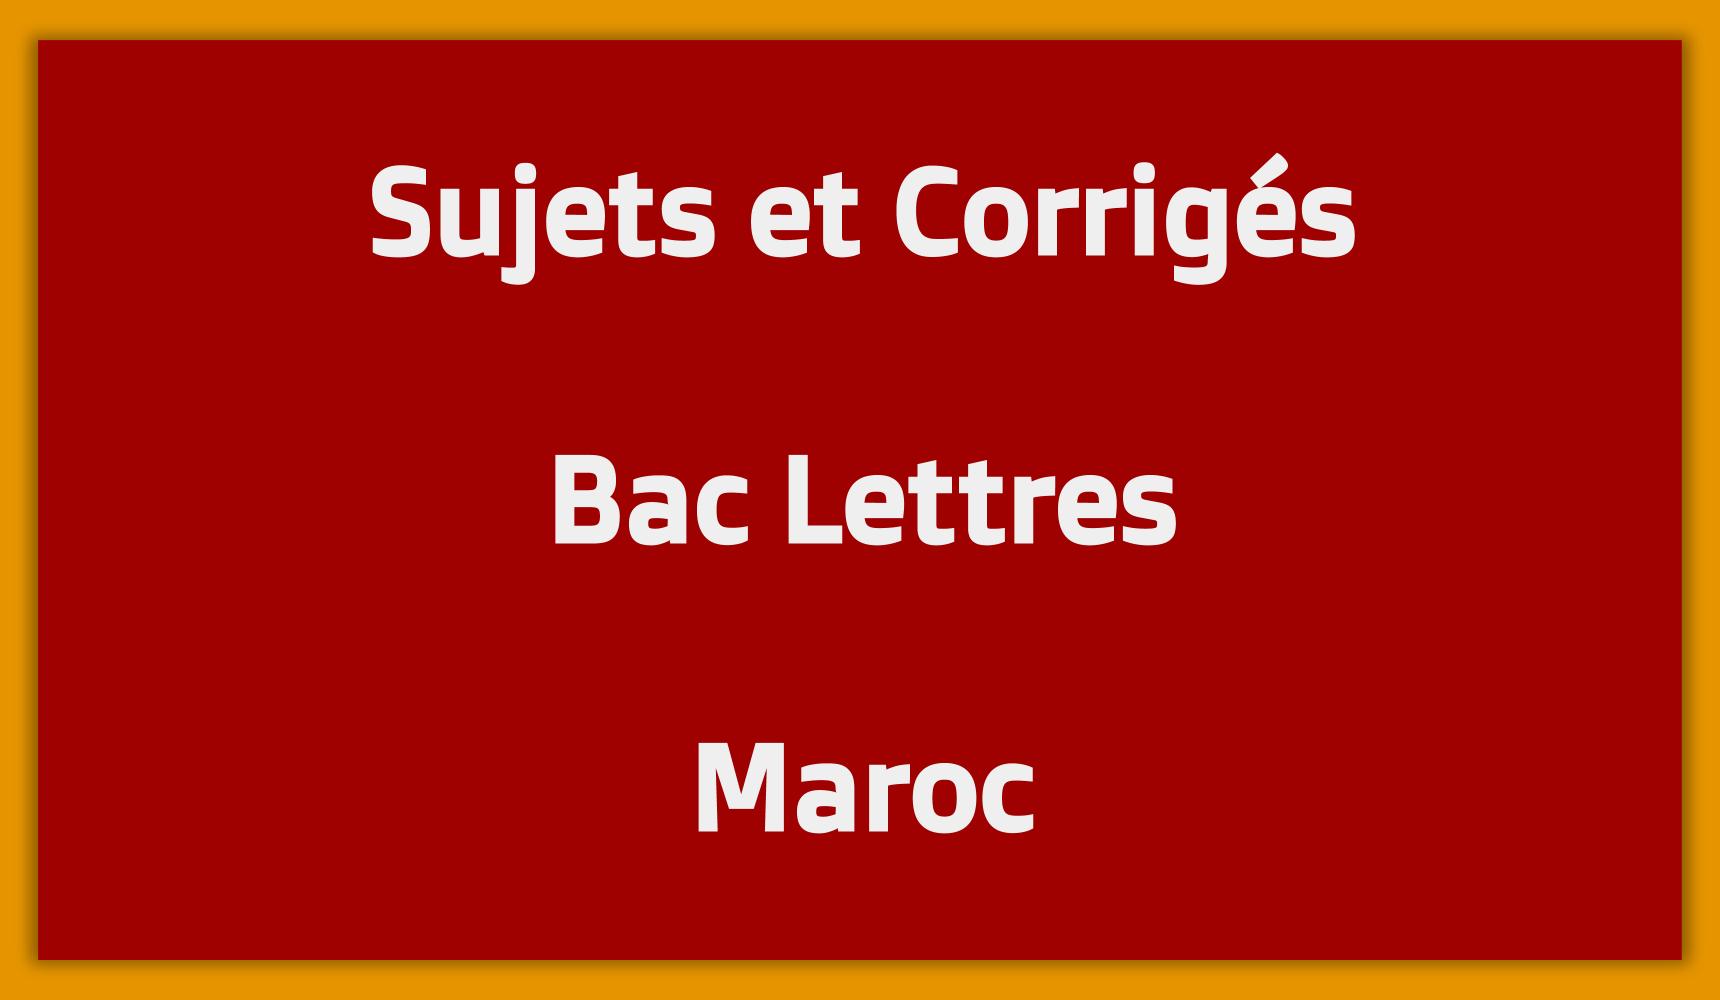 Sujets Corrigés Bac Lettres Maroc